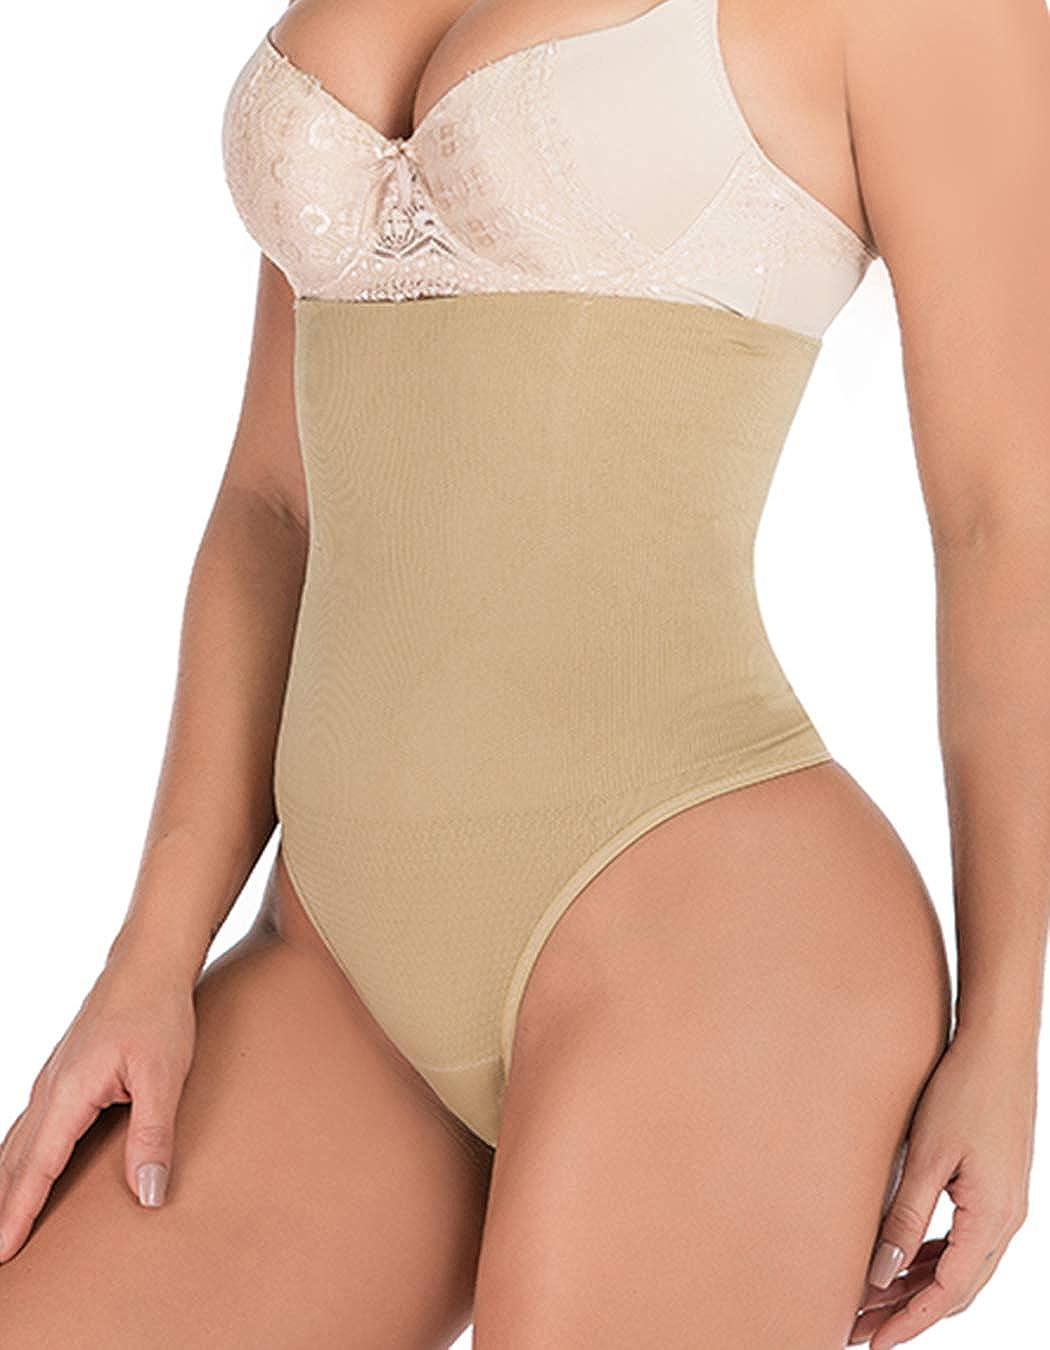 FLORATA Women High Waist Thong Butt Briefs Shapewear Direct sale of manufacturer Body Lifter Our shop most popular